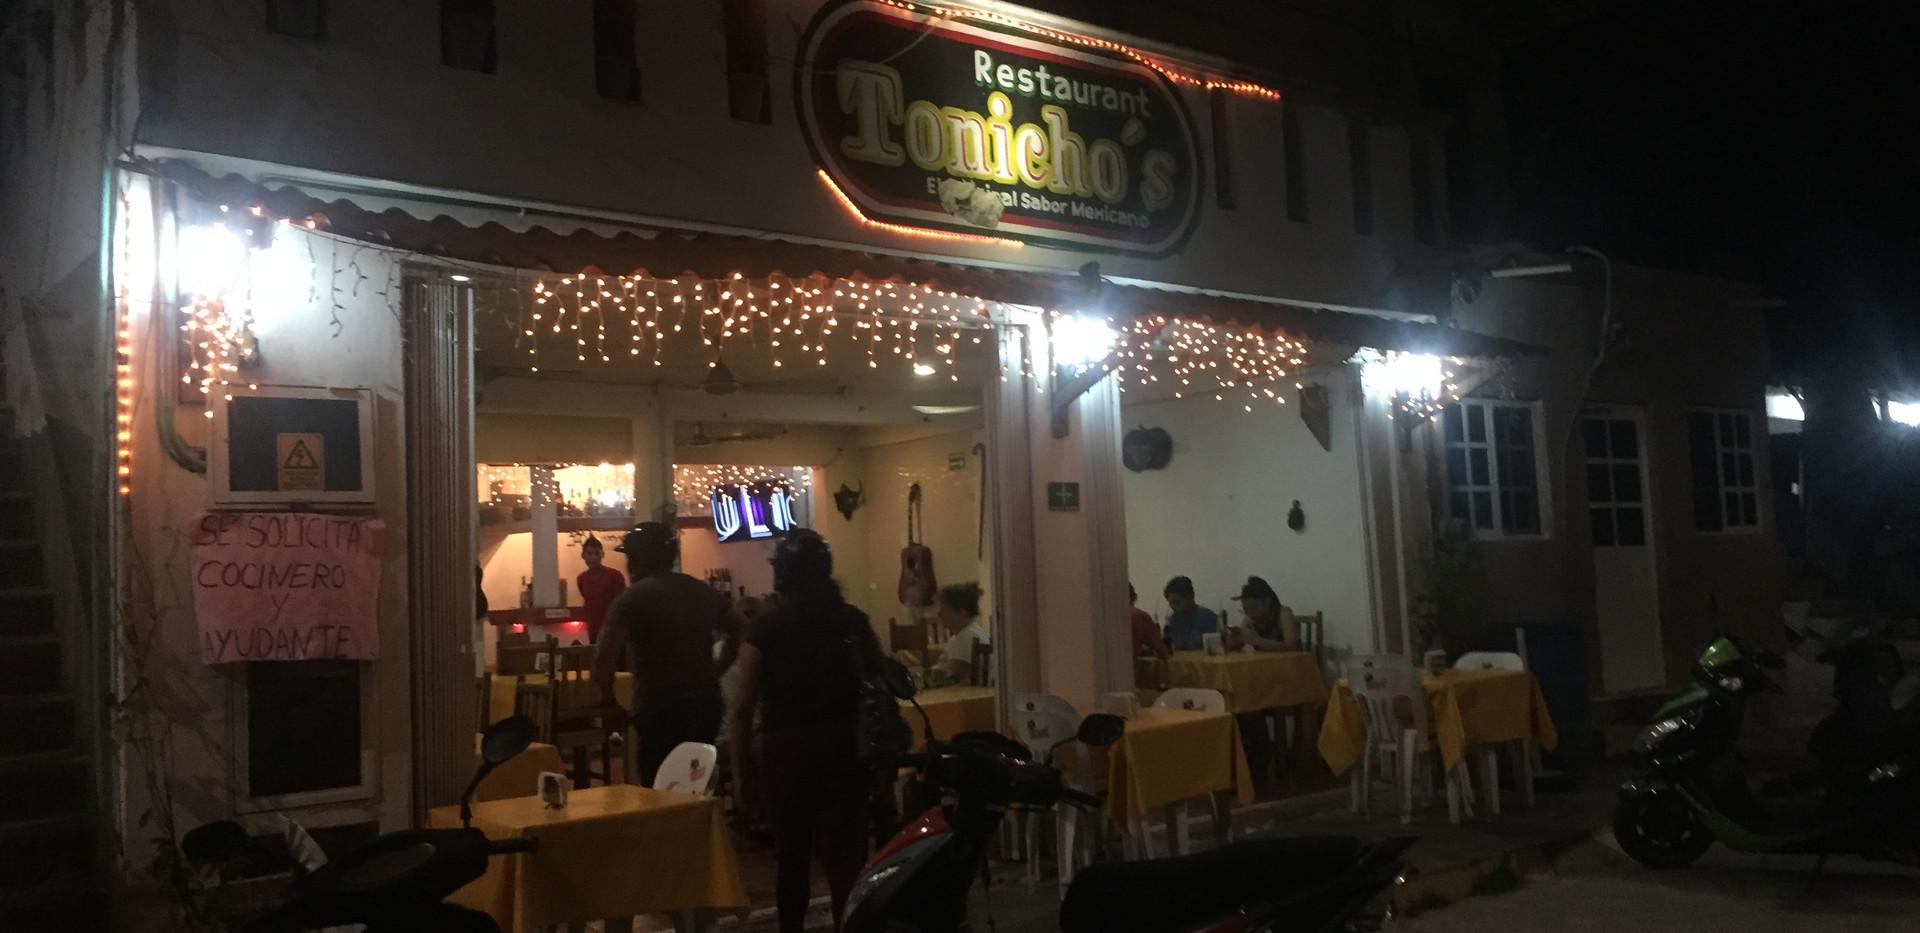 Tonichos223-tasteofisla-islamujeres-food